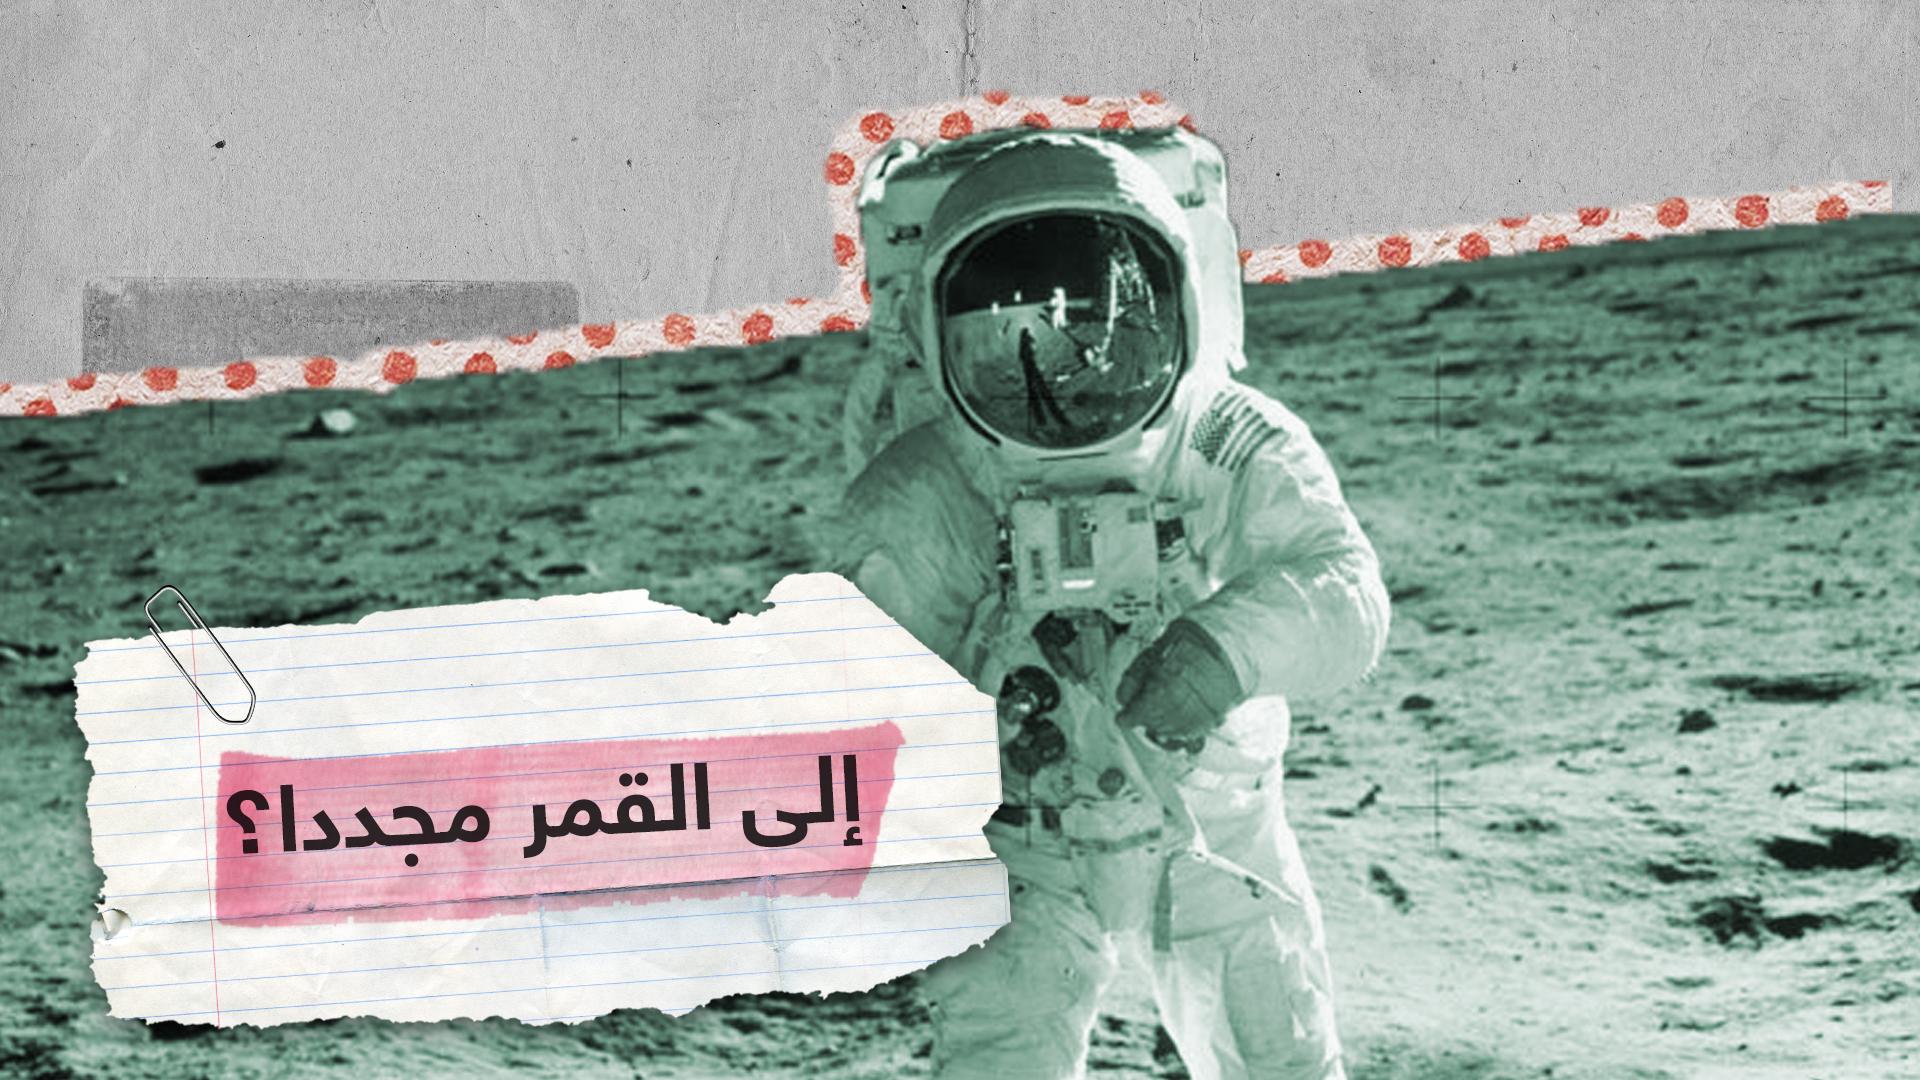 ناسا توقع عقدا بقيمة 4.6 مليار دولار مع لوكهيد مارتن للعودة إلى القمر